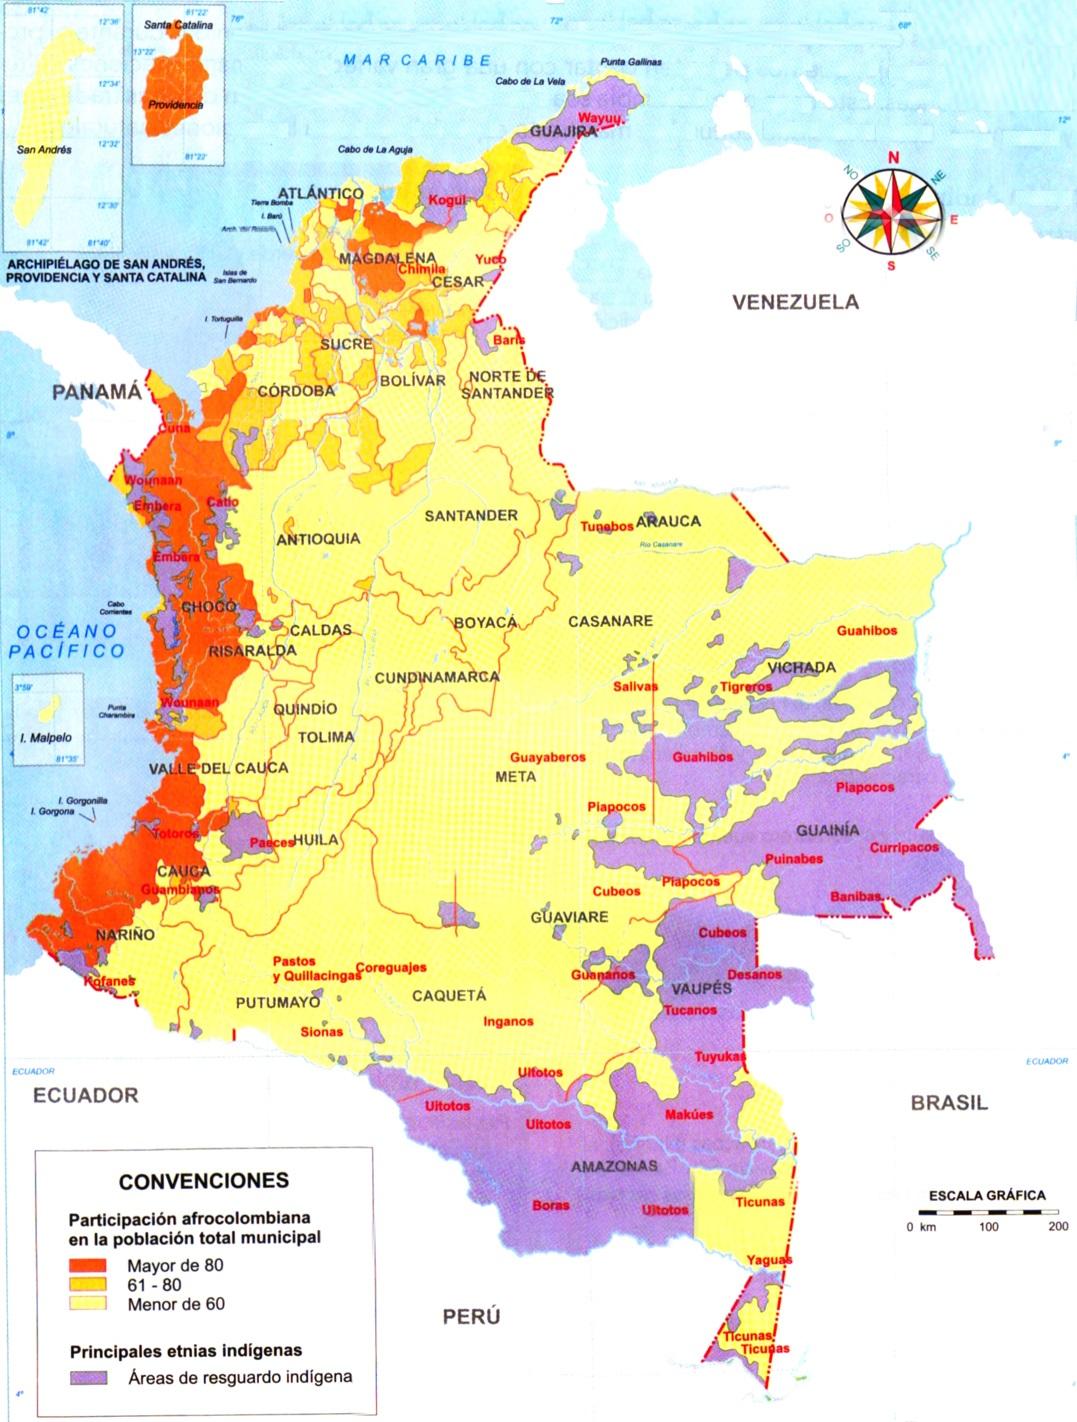 Mapa de Colombia: Comunidades indígenas y afrocolombianas | SocialHizo